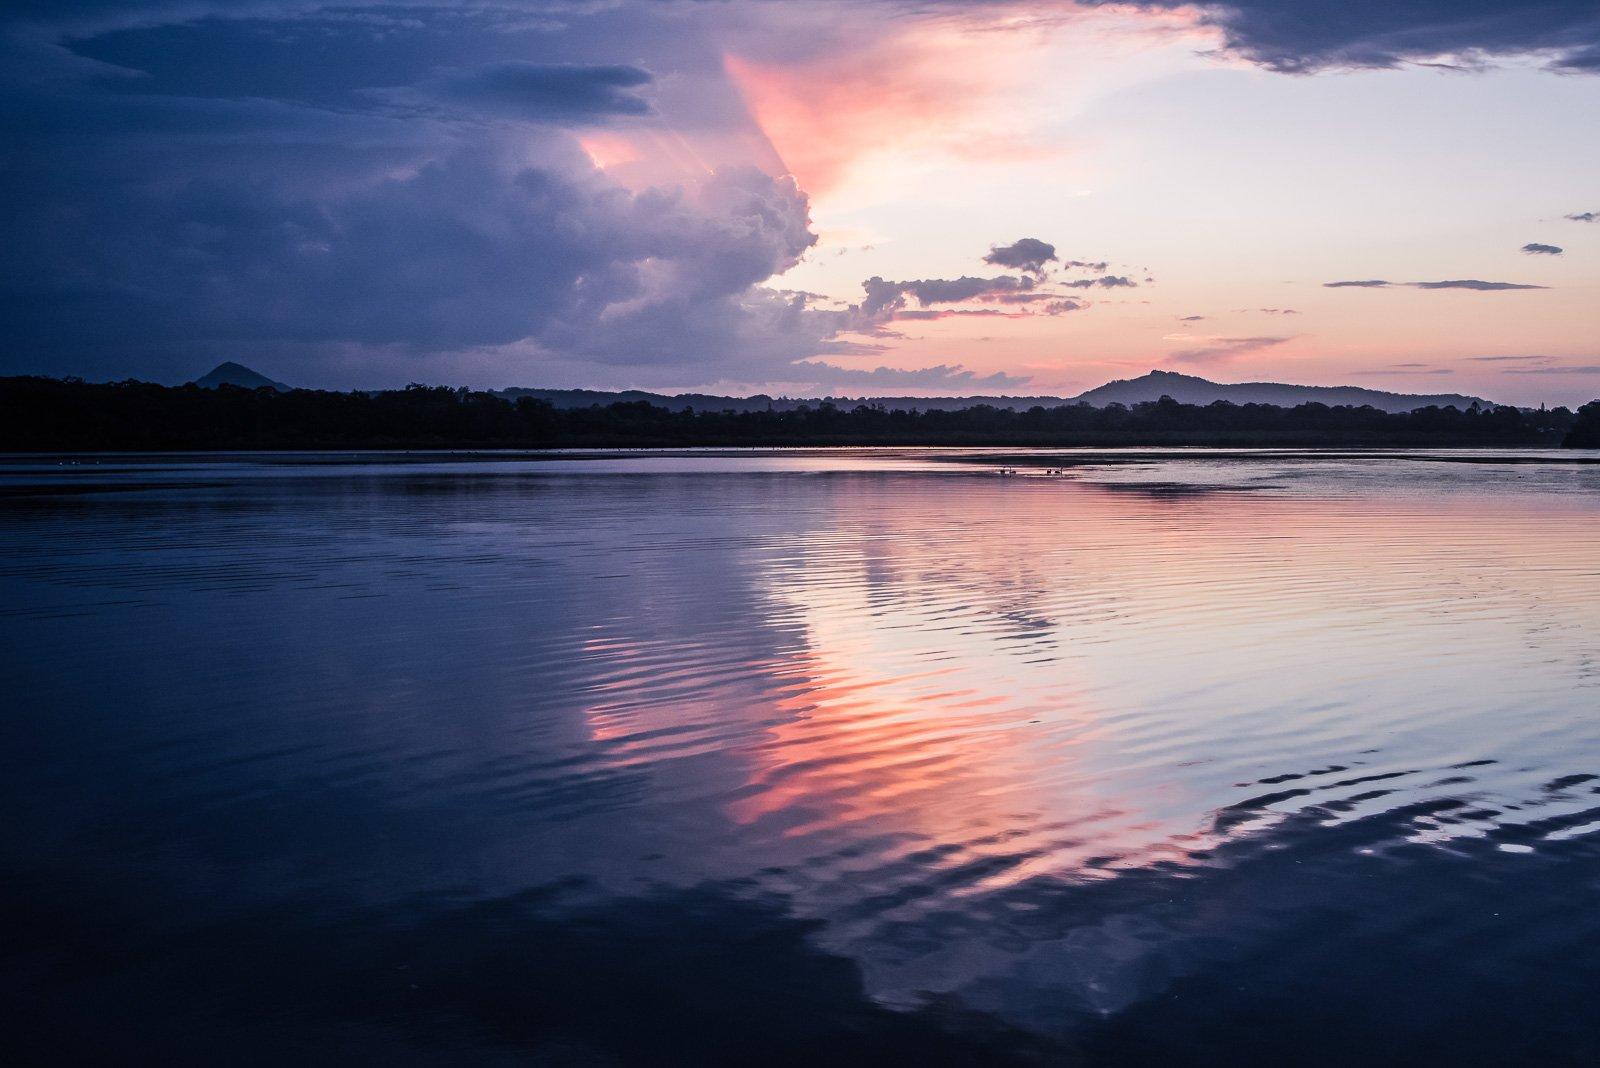 A tropical thunderstorm creates great sky photos.